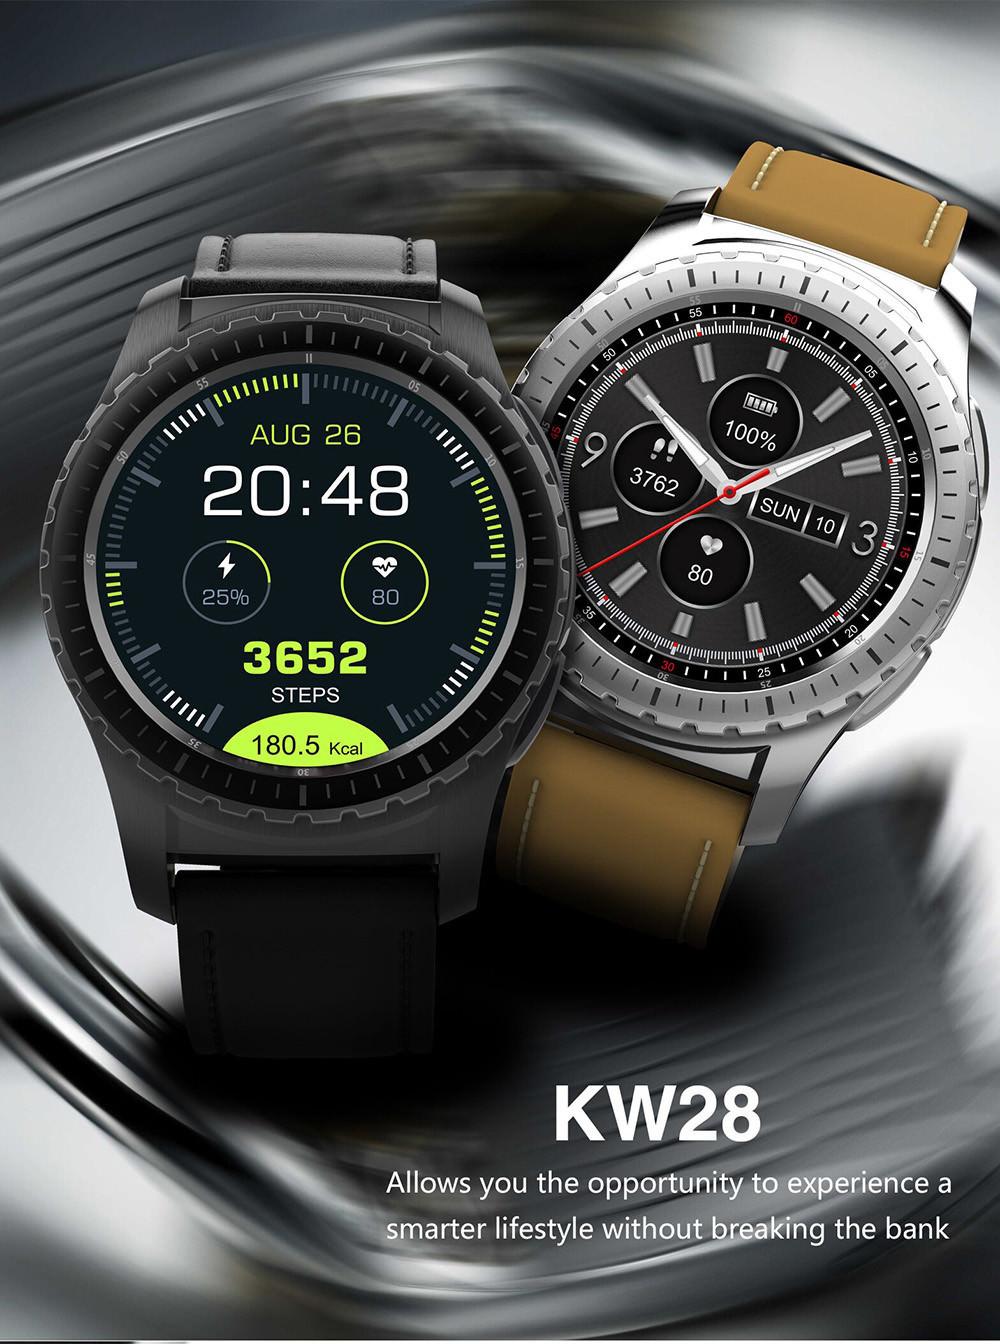 kingwear kw28 smartwatch phone